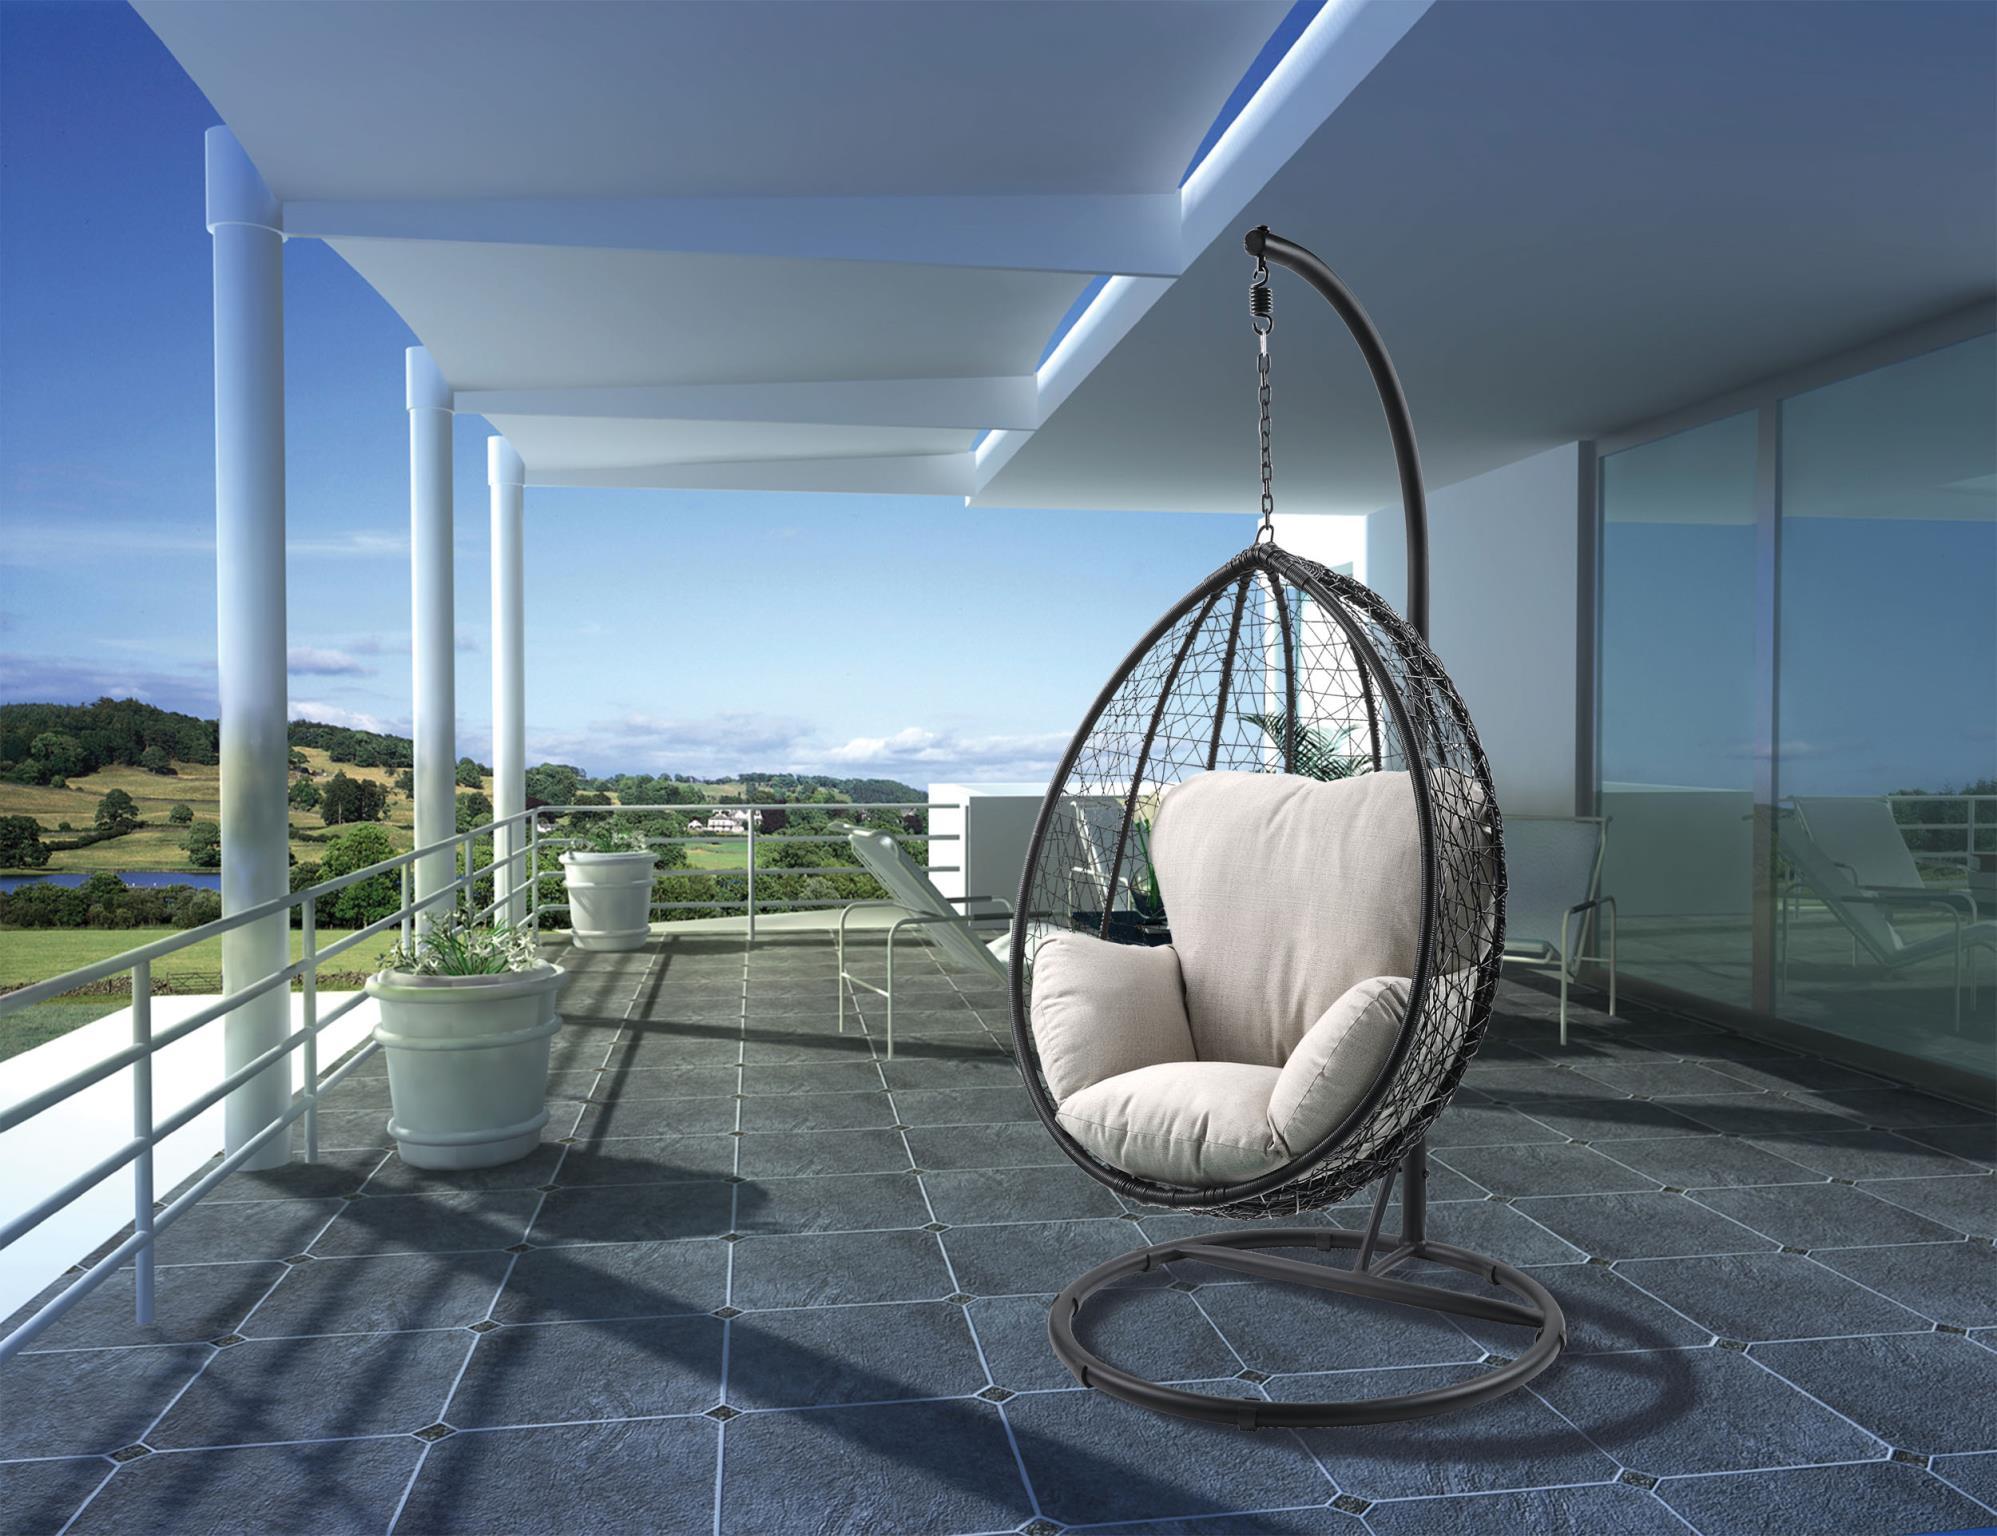 Black Wicker Patio Swing Chair